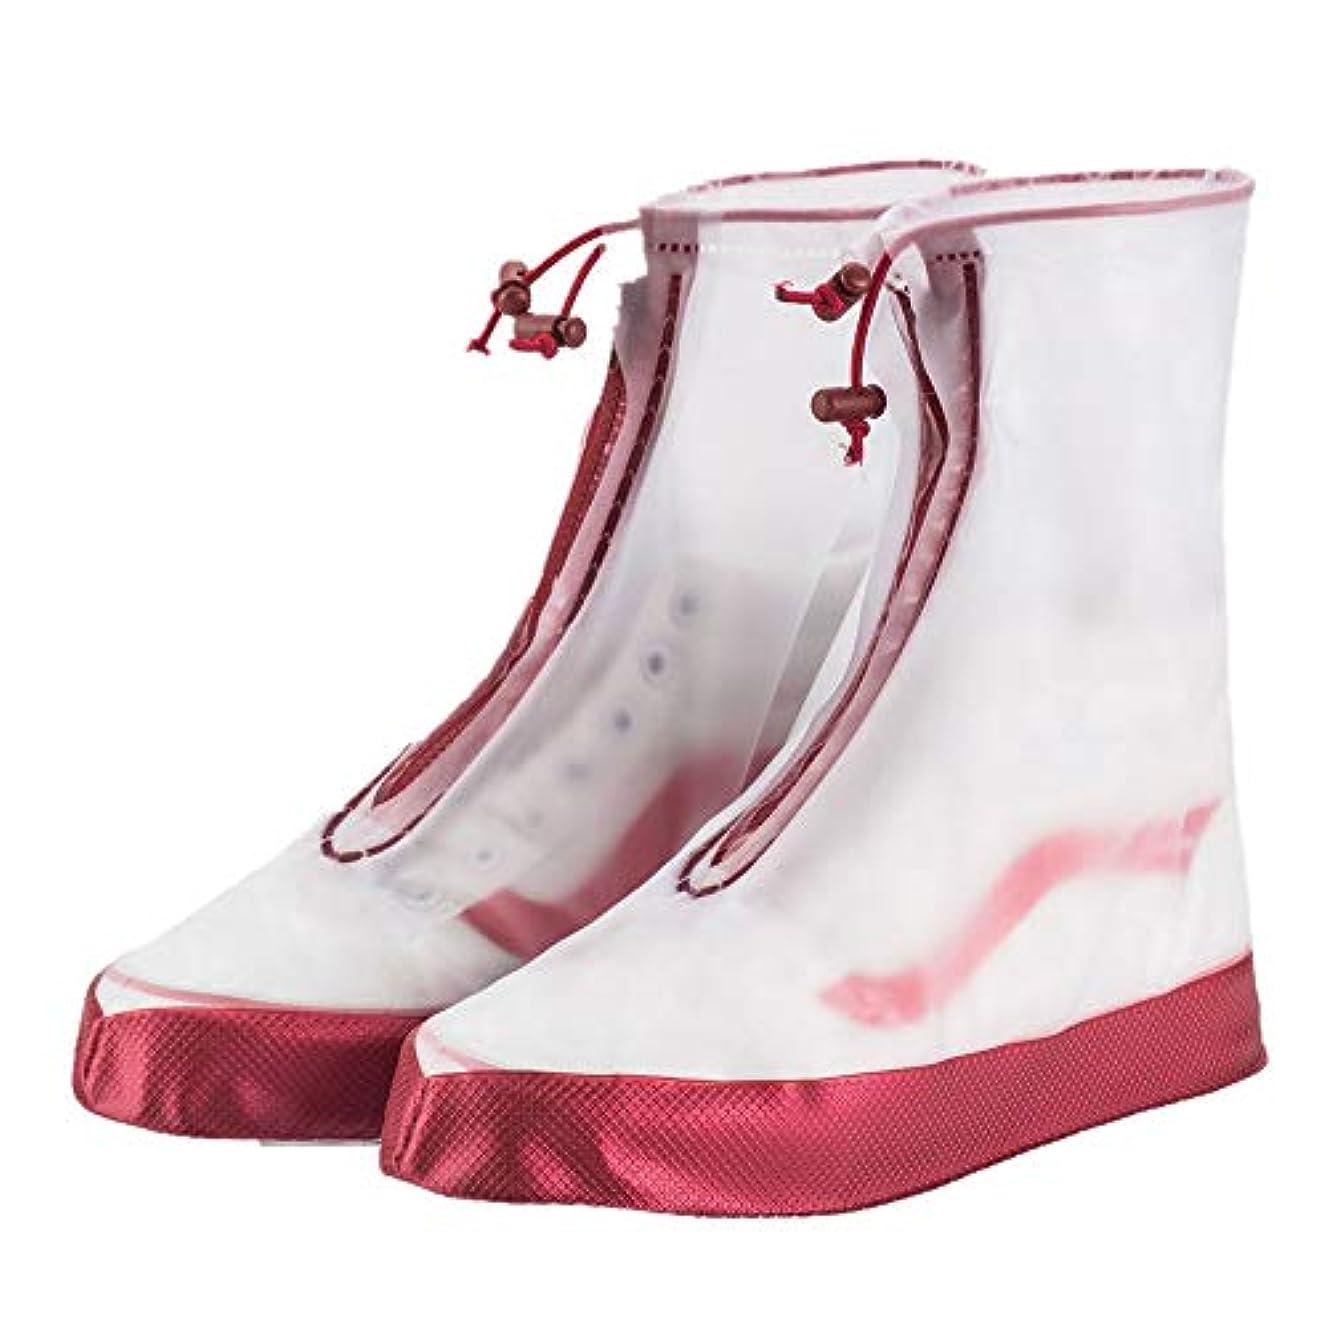 繕うありがたい贅沢防水靴カバー レインシューズのカバー足のガーターバイクの靴カバー、防水レインブーツの靴カバー女性男性子供アンチスリップ再利用可能な洗えるレイン雪のブーツカバー防水オーバーシューズ (色 : 赤, サイズ : Small)